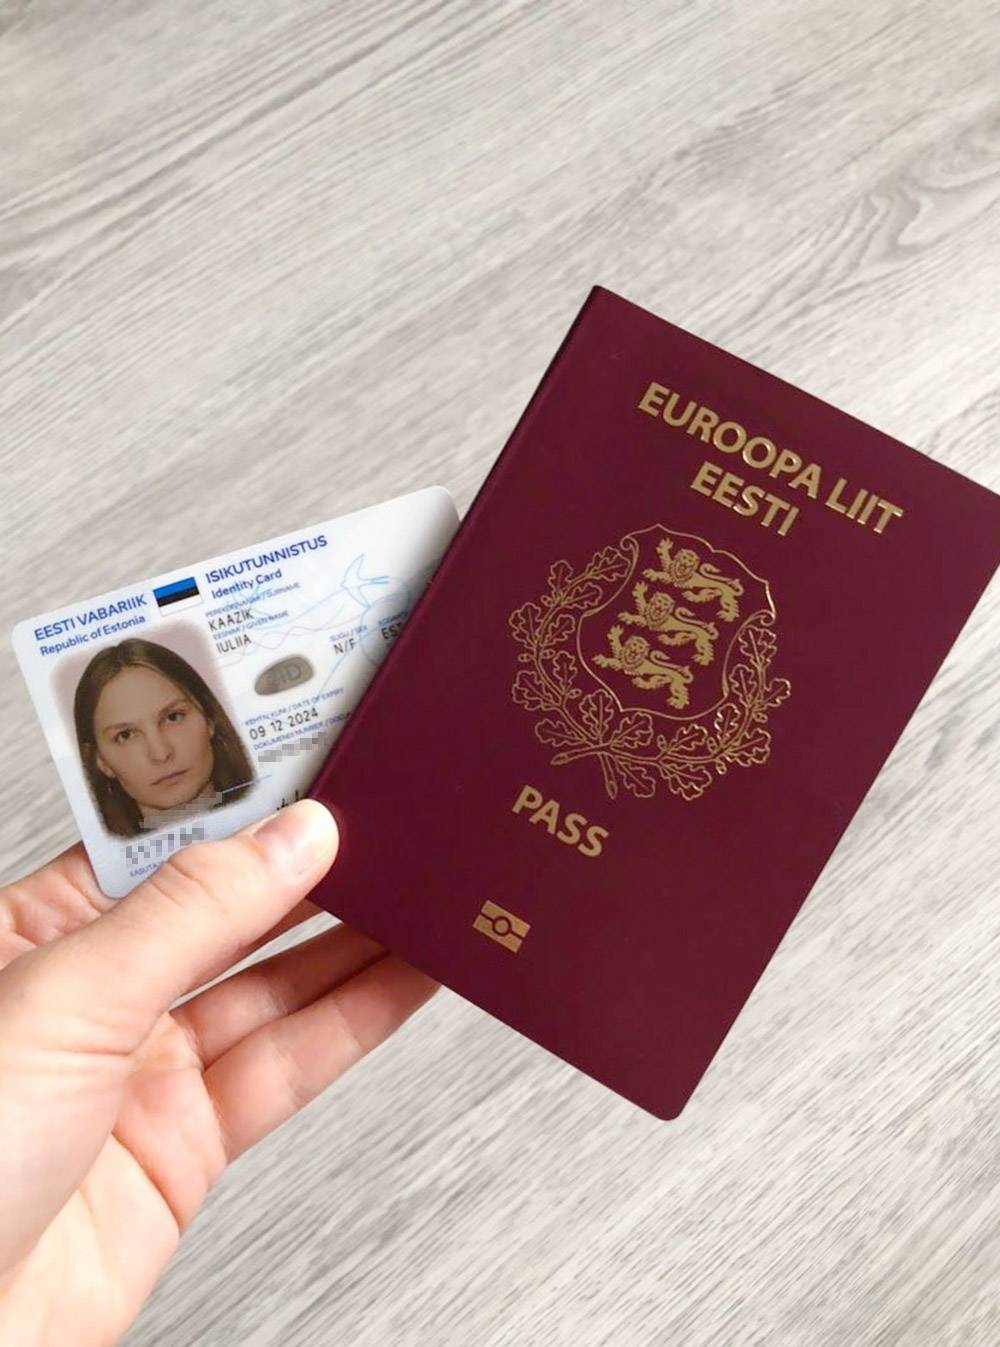 Мои новенькие паспорт и ID-карта. Планировала обмыть их поездкой в Европу на майские праздники, но в 2020году у коронавируса свои планы. Поездку пришлось отложить на неопределенный срок